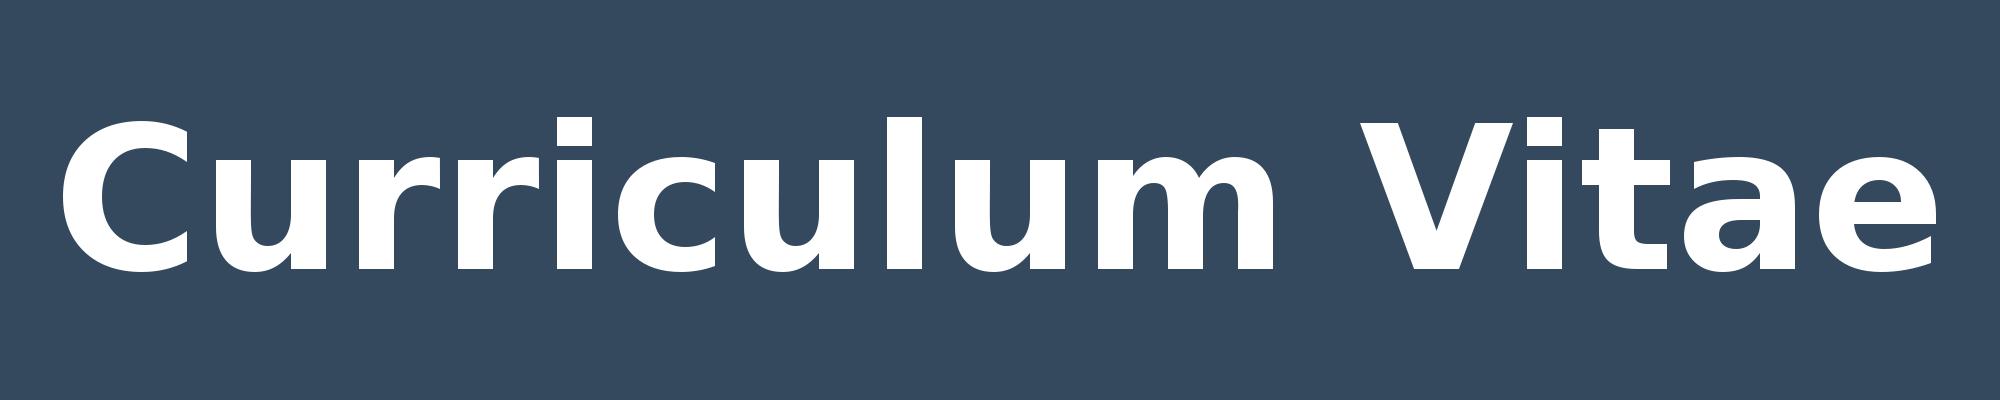 Curriculum Para Empresas Logo About Of Logos